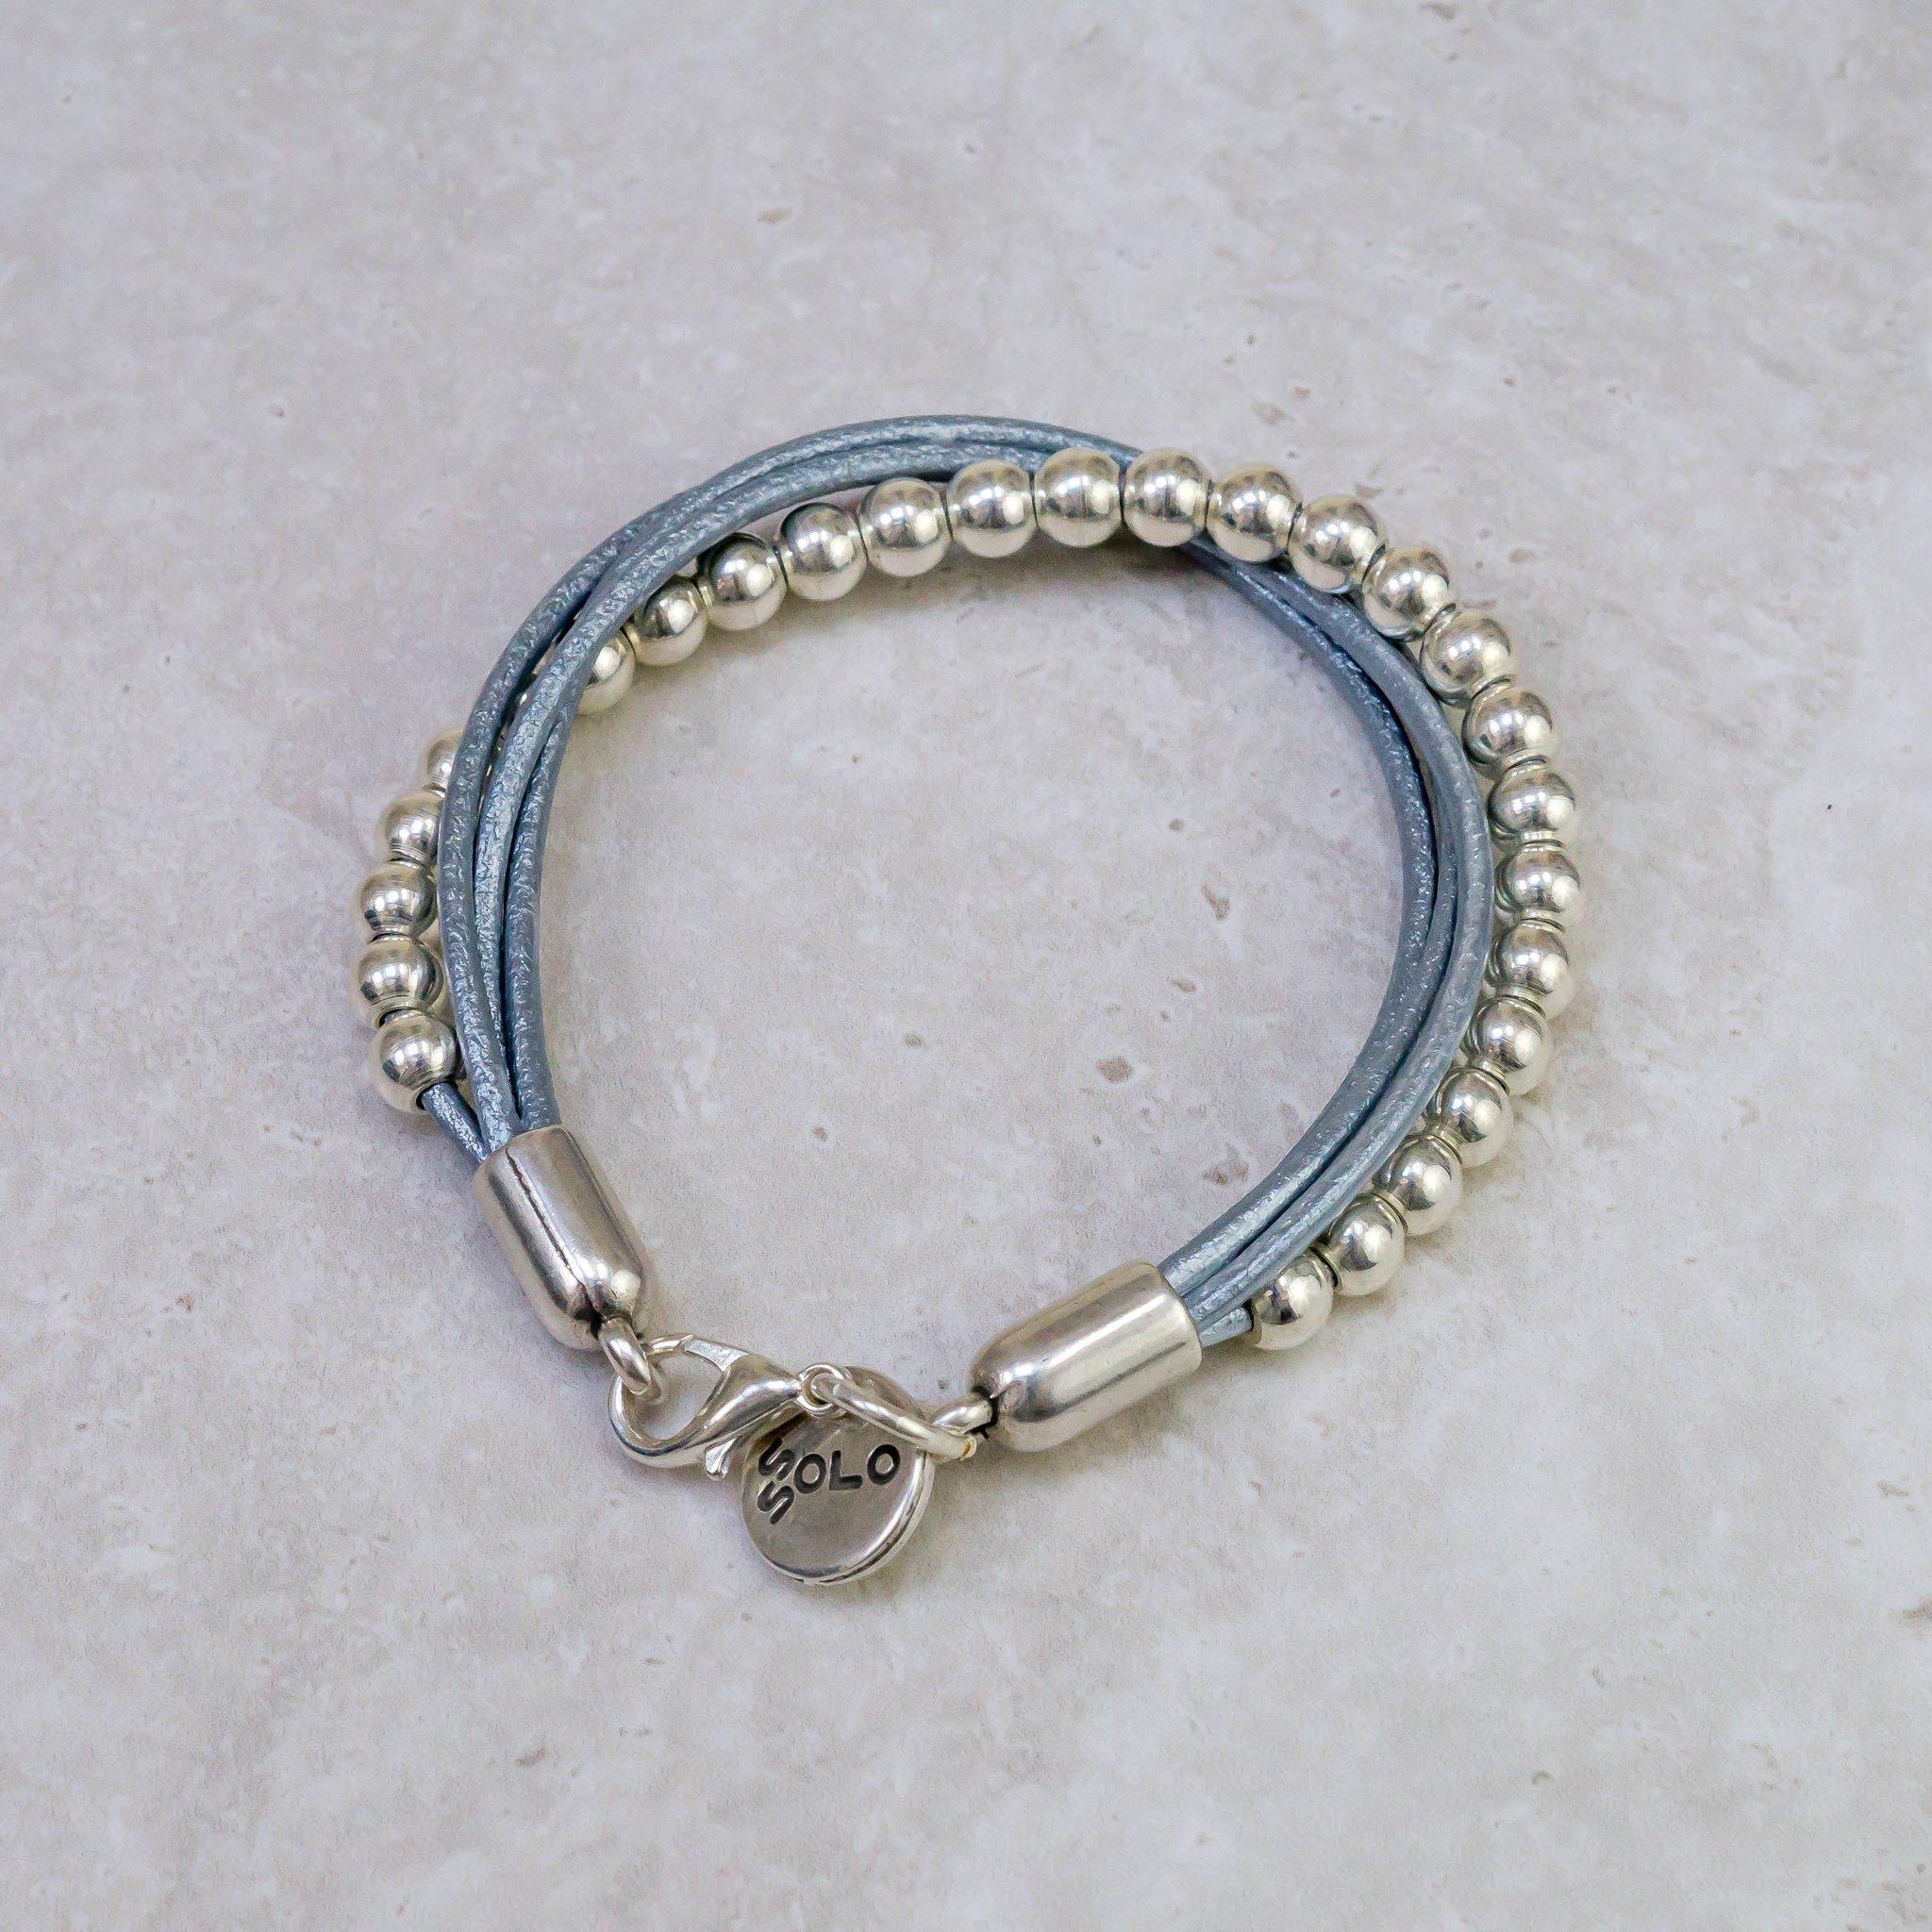 Silver Twist bracelets